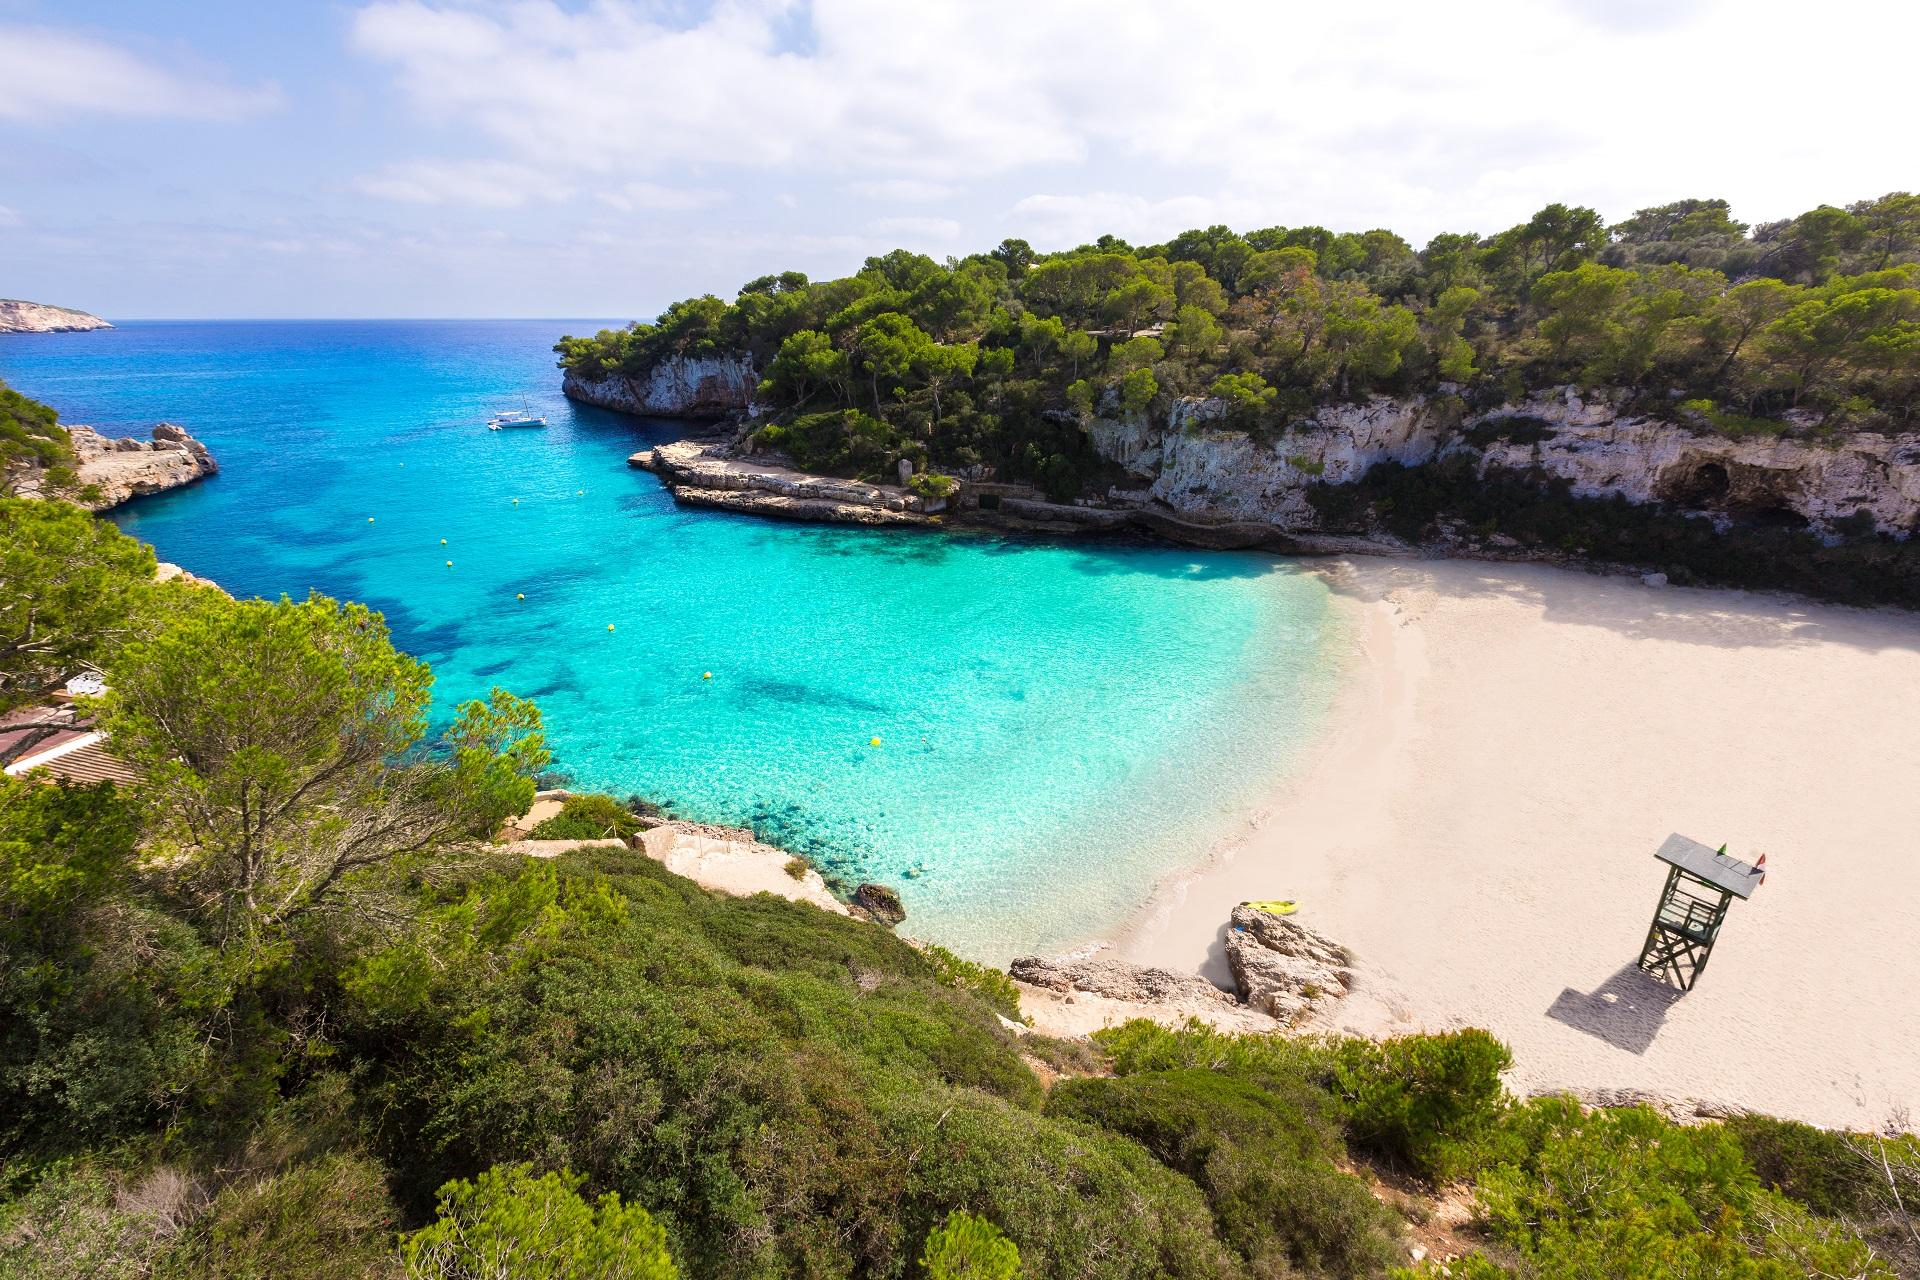 Cala llombards in Santanyi auf Mallorca